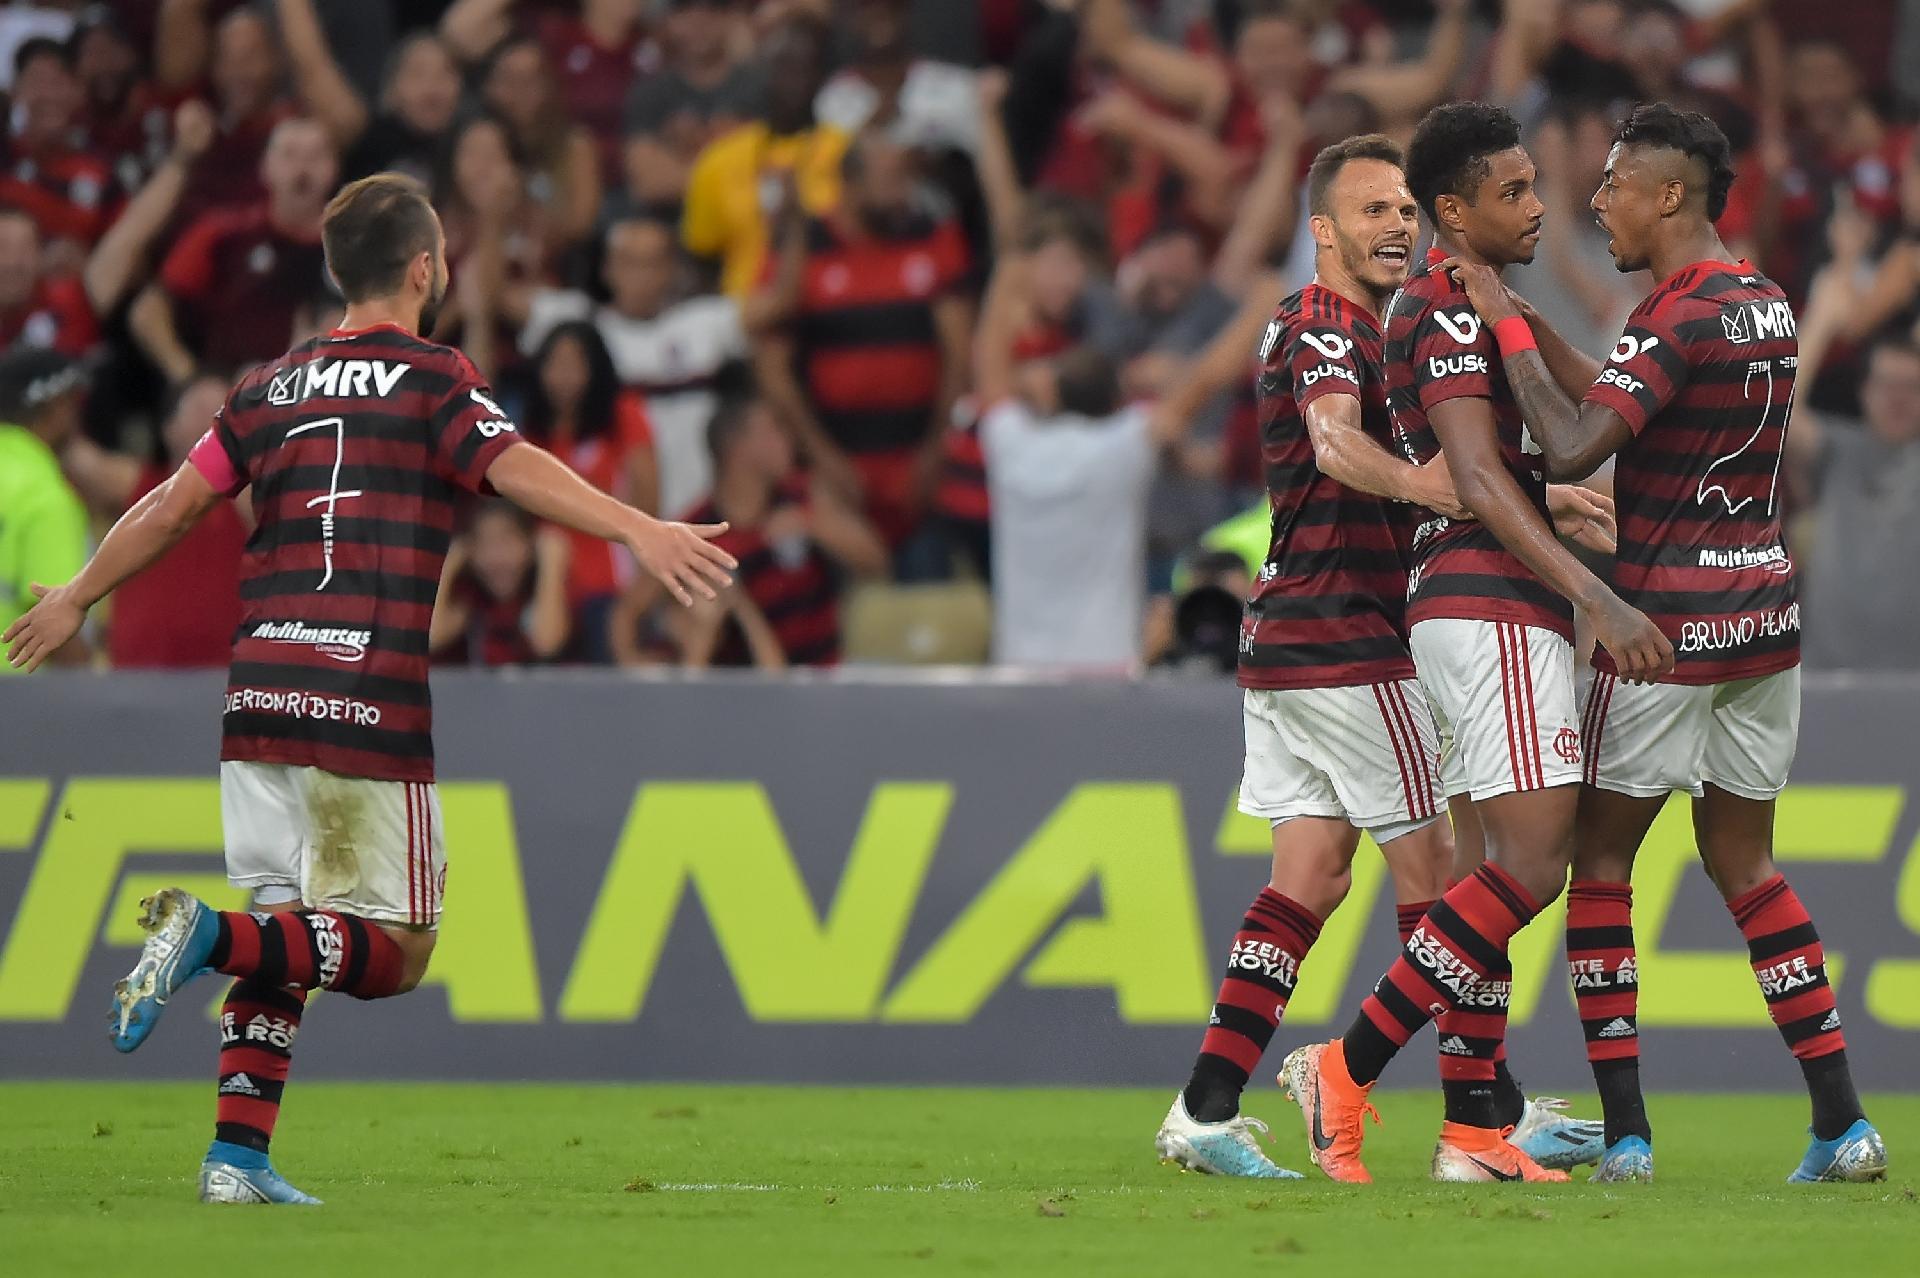 Flamengo Vence O Atletico Mg E Abre Oito Pontos De Vantagem No Brasileiro